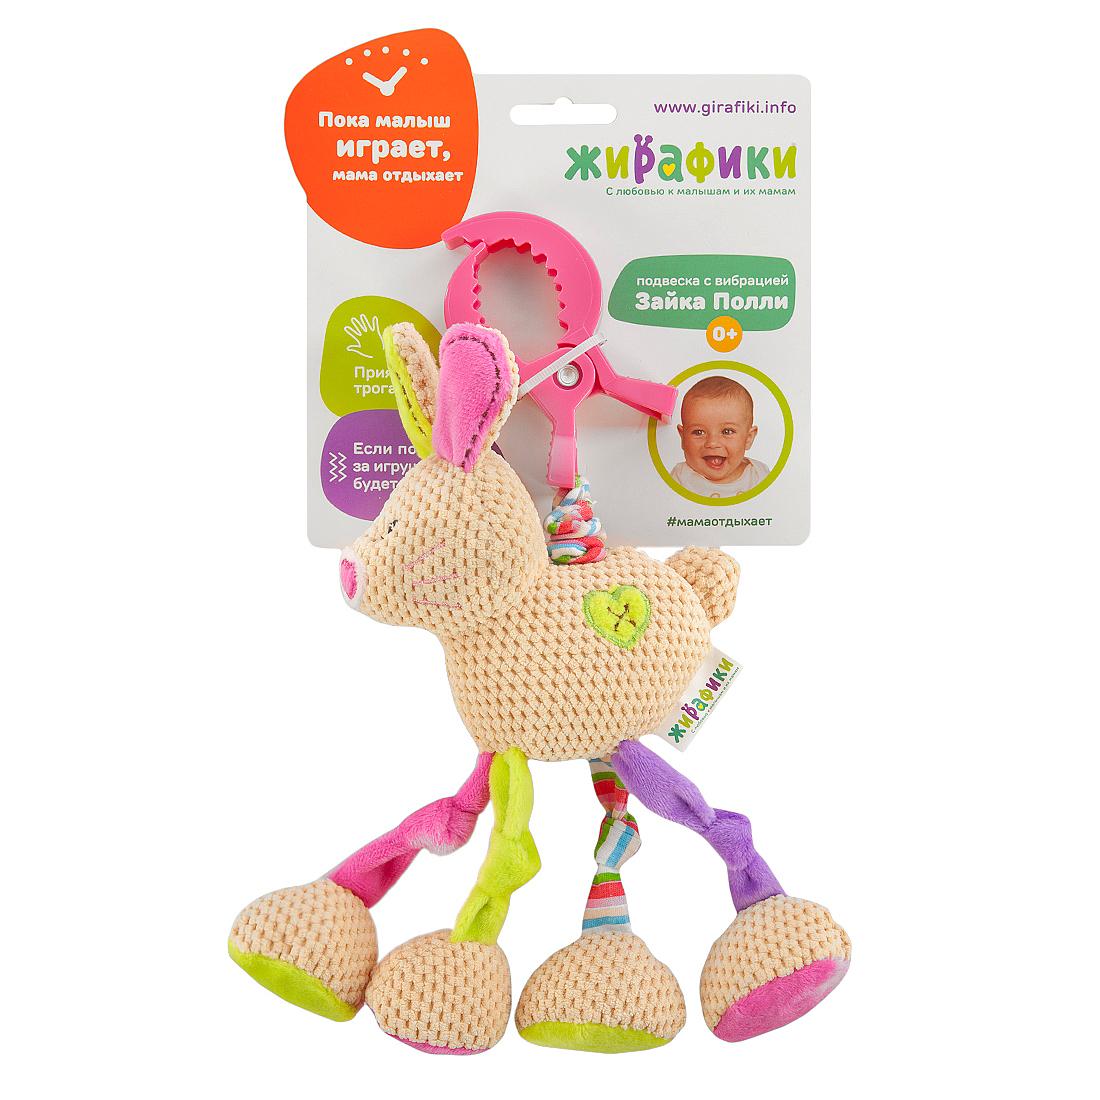 Игры и игрушки в дорогу Жирафики Зайка Полли игры и игрушки в дорогу жирафики подвеска книжка с шуршалкой зайка полли